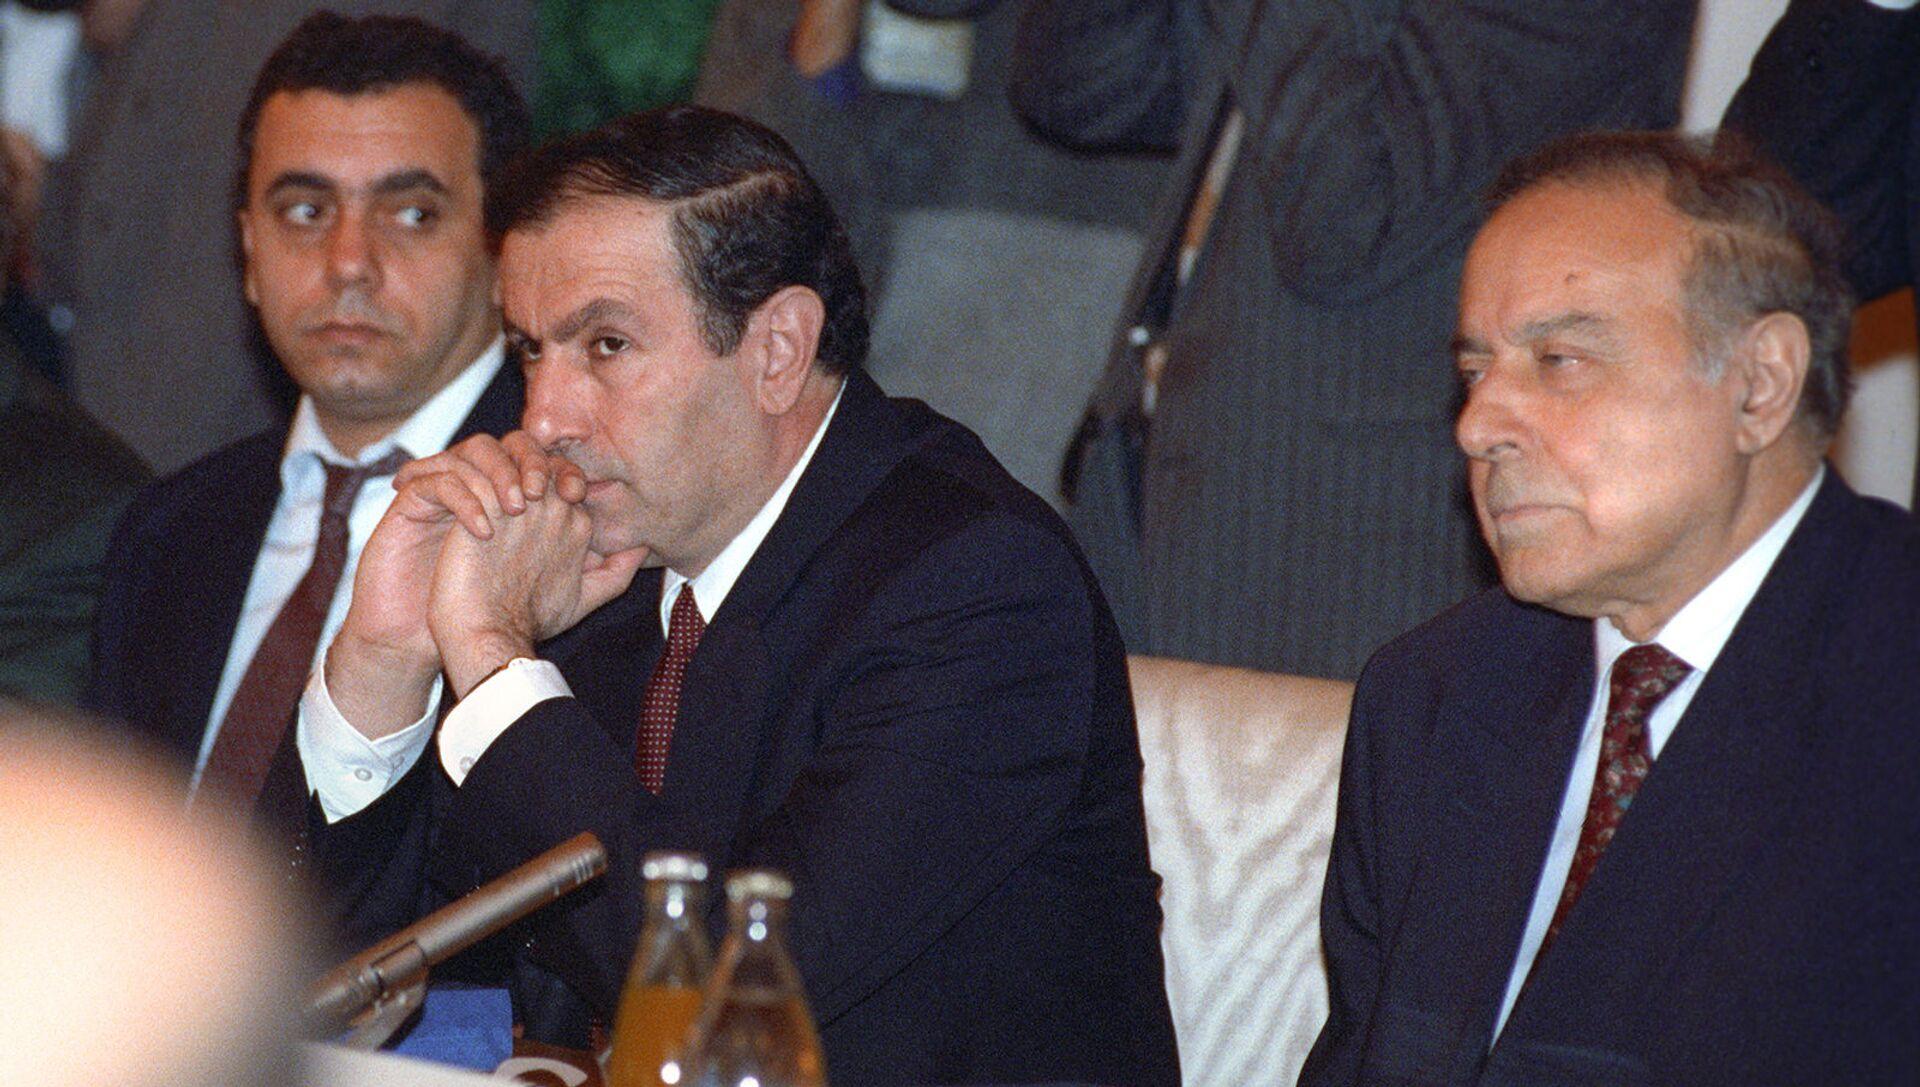 Президенты Армении и Азербайджана Левон Тер-Петросян и Гейдар Алиев во время совещания глав государств-членов СНГ (27 сентября 1993). Москвa - Sputnik Армения, 1920, 24.05.2021